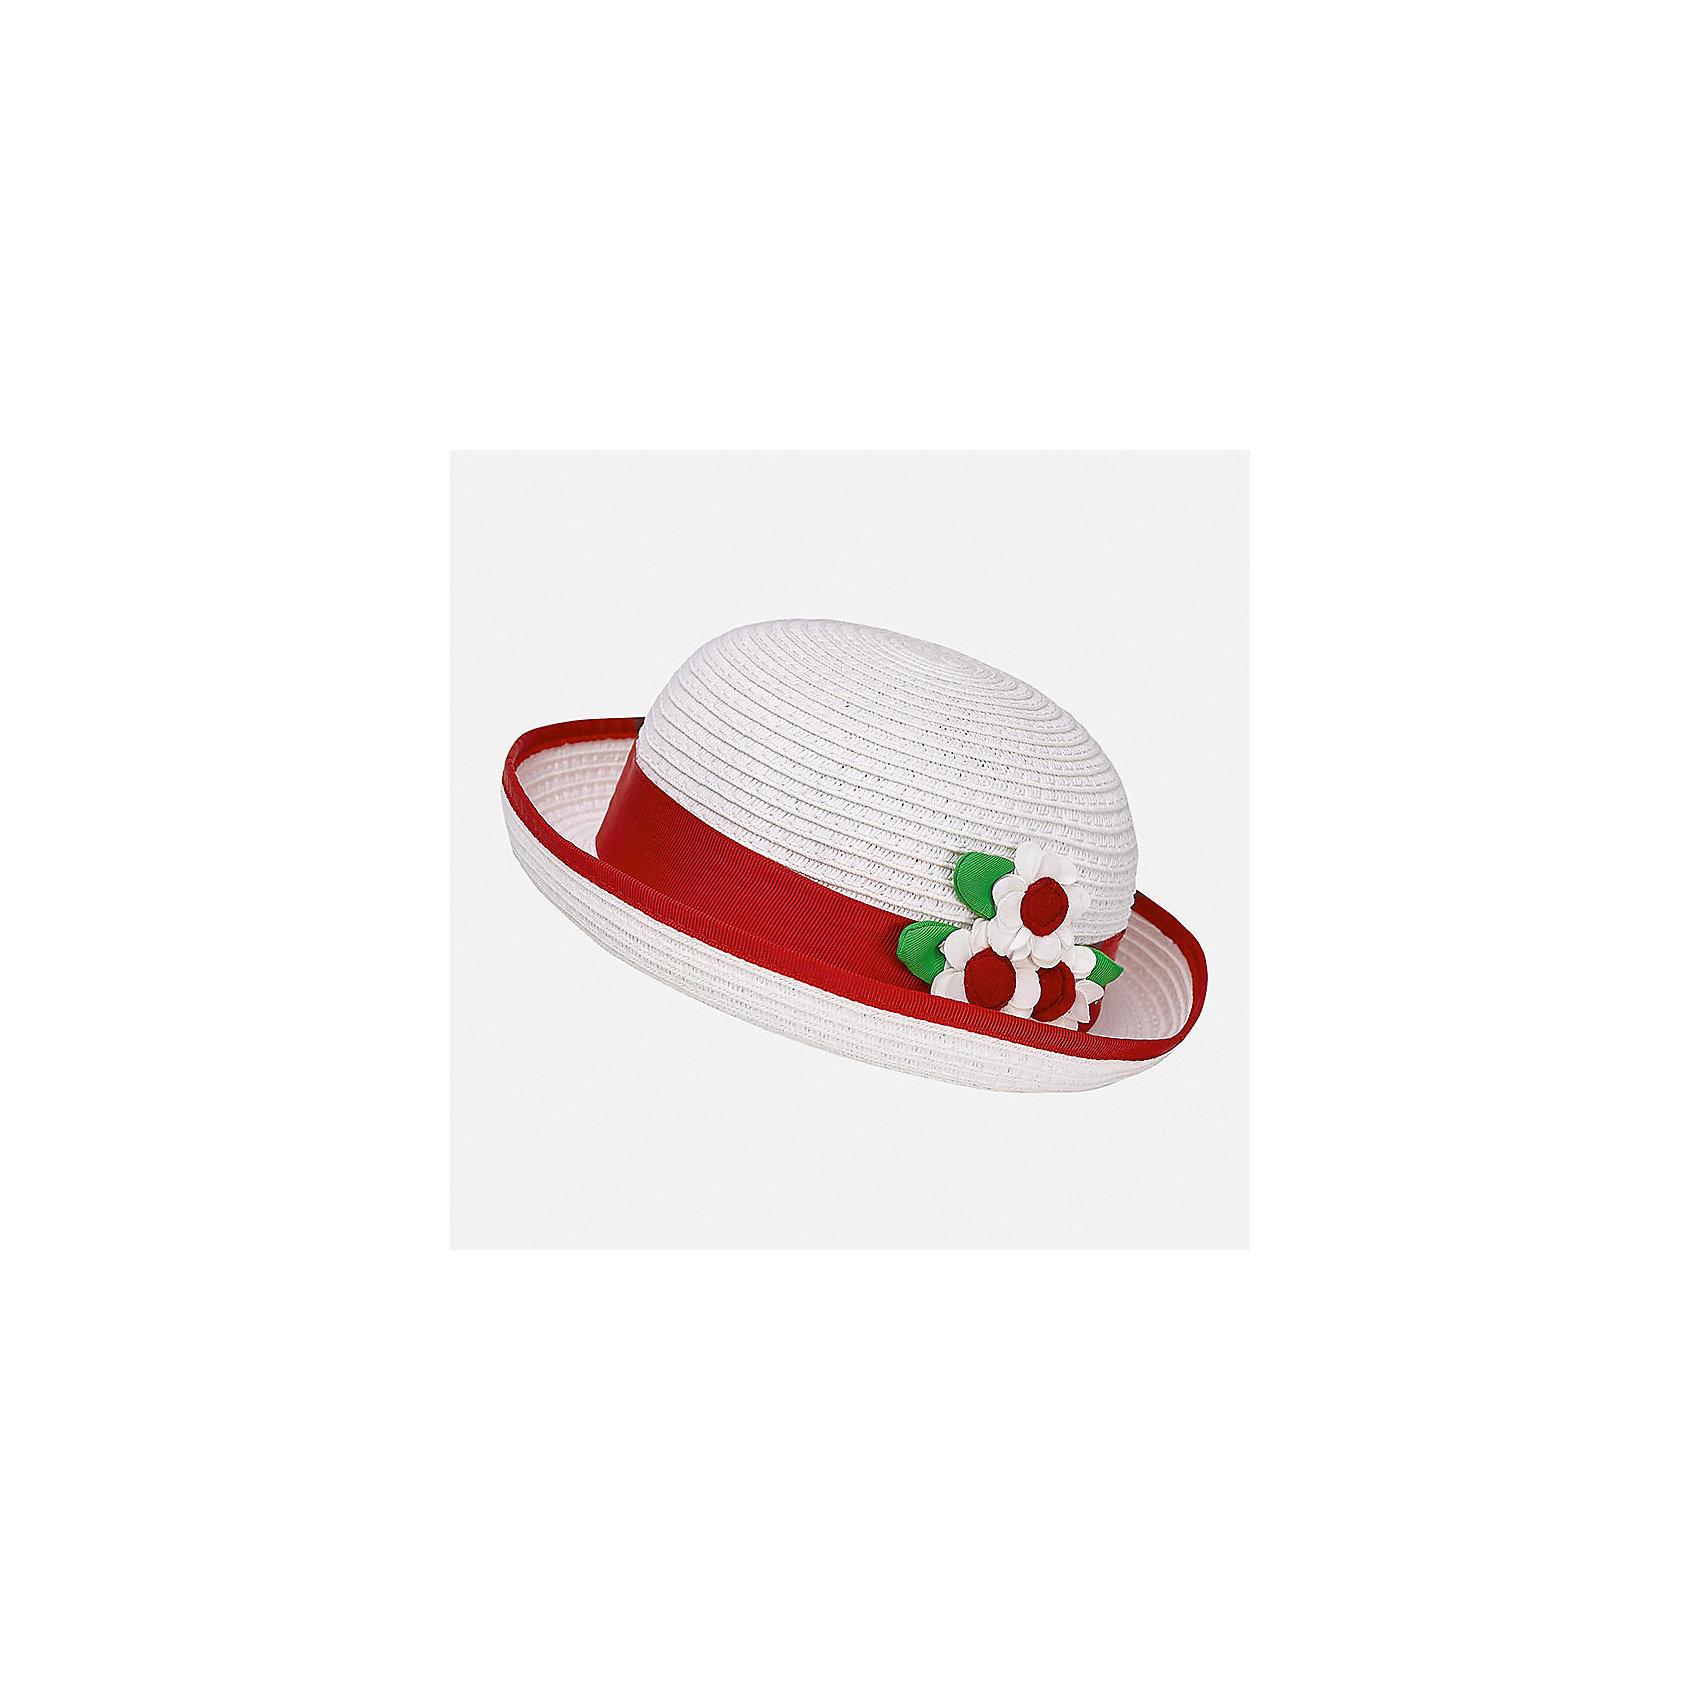 Шапка для девочки MayoralШапочки<br>Характеристики товара:<br><br>• цвет: белый/красный<br>• состав: 100% бумага<br>• контрастная окантовка<br>• дышащая фактура<br>• декорирована лентой и текстильными цветами<br>• страна бренда: Испания<br><br>Красивая легкая шляпа для девочки поможет обеспечить ребенку защиту от солнца и дополнить наряд. Универсальный цвет позволяет надевать её под наряды различных расцветок. Шляпа удобно сидит и красиво смотрится. <br><br>Одежда, обувь и аксессуары от испанского бренда Mayoral полюбились детям и взрослым по всему миру. Модели этой марки - стильные и удобные. Для их производства используются только безопасные, качественные материалы и фурнитура. Порадуйте ребенка модными и красивыми вещами от Mayoral! <br><br>Шляпу для девочки от испанского бренда Mayoral (Майорал) можно купить в нашем интернет-магазине.<br><br>Ширина мм: 89<br>Глубина мм: 117<br>Высота мм: 44<br>Вес г: 155<br>Цвет: красный<br>Возраст от месяцев: 24<br>Возраст до месяцев: 36<br>Пол: Женский<br>Возраст: Детский<br>Размер: 50,48<br>SKU: 5293406